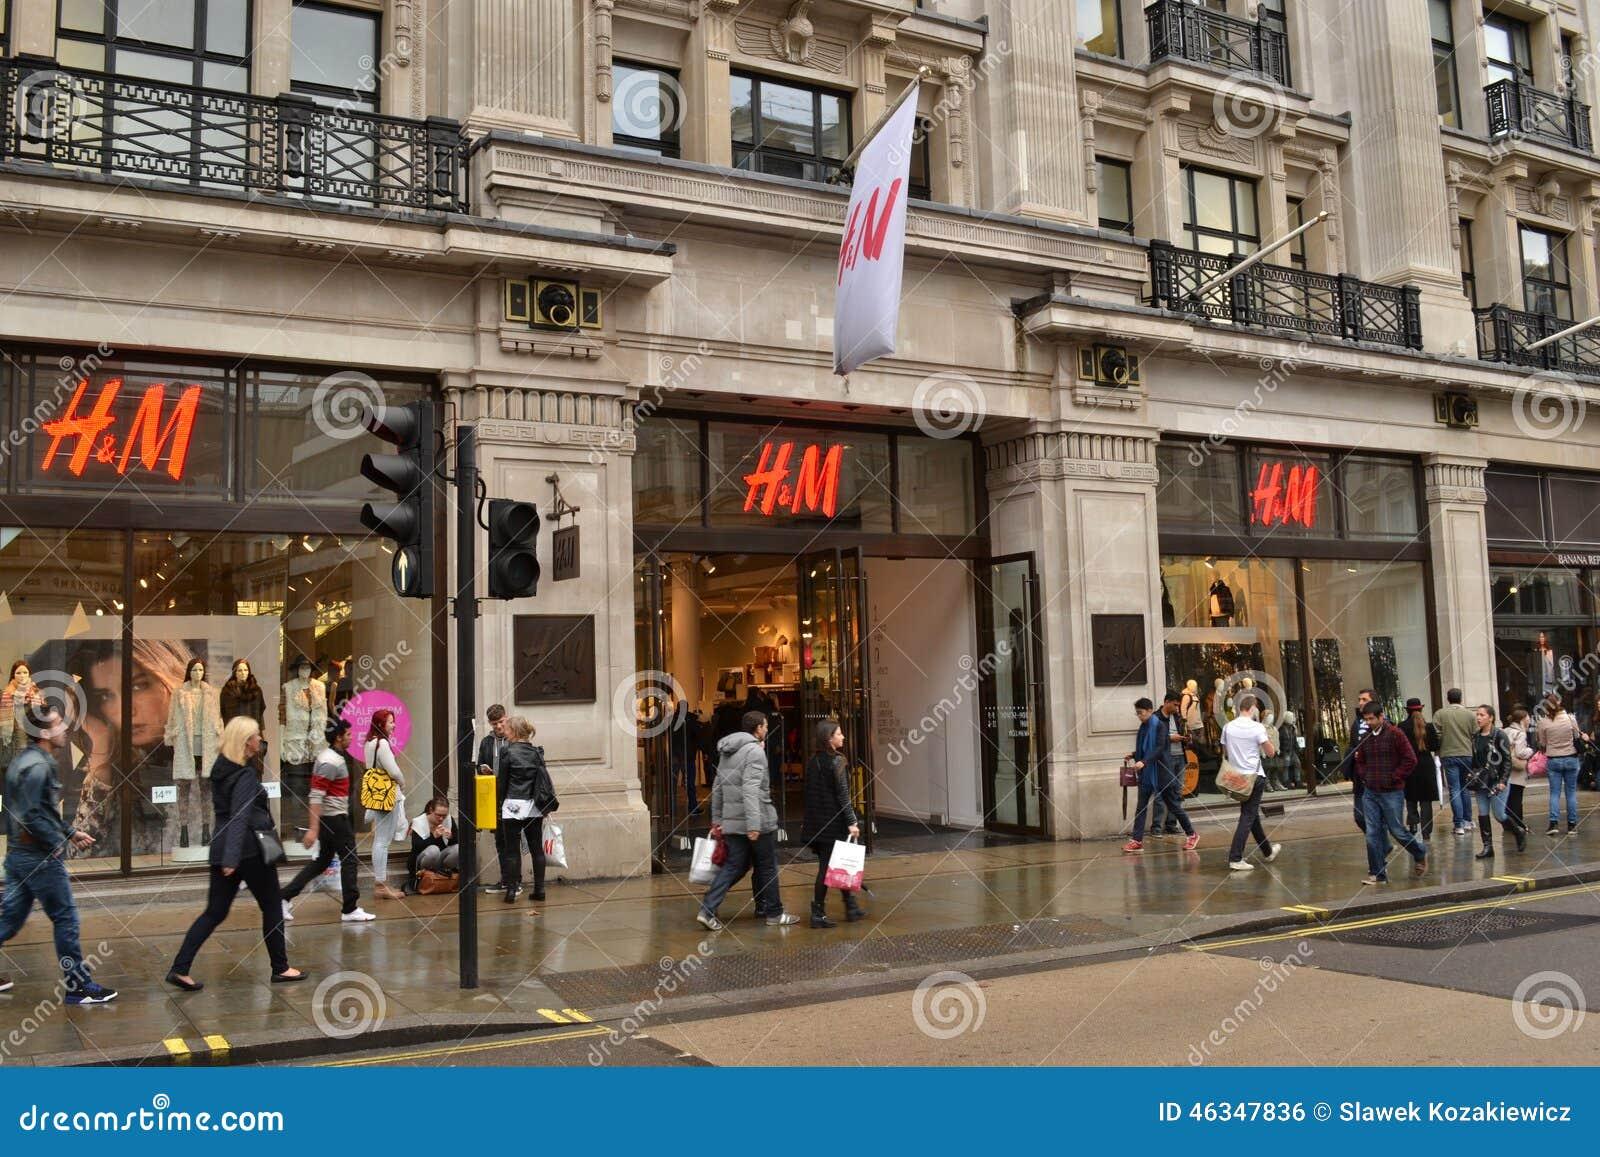 magasin regent street london de h m photo ditorial image 46347836. Black Bedroom Furniture Sets. Home Design Ideas